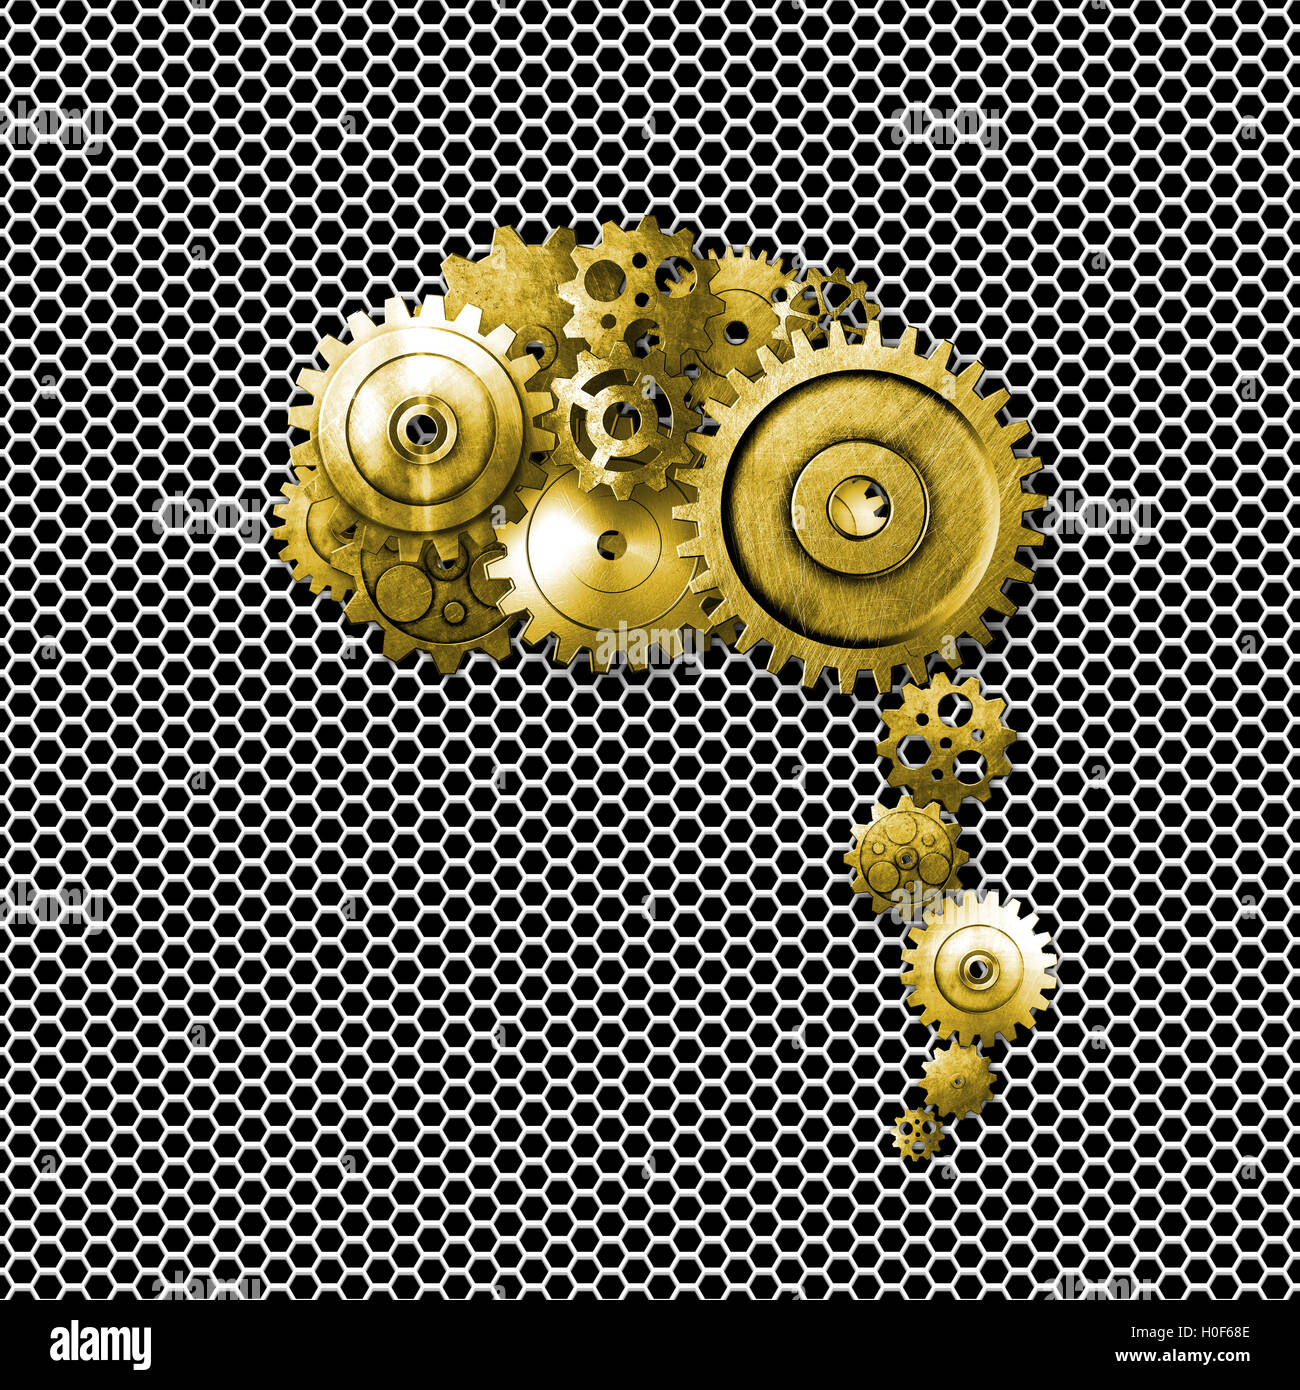 Gold metal gear sur metal mesh blanc ressemble à un cerveau humain. matériel de conception. 3d illustration. Photo Stock